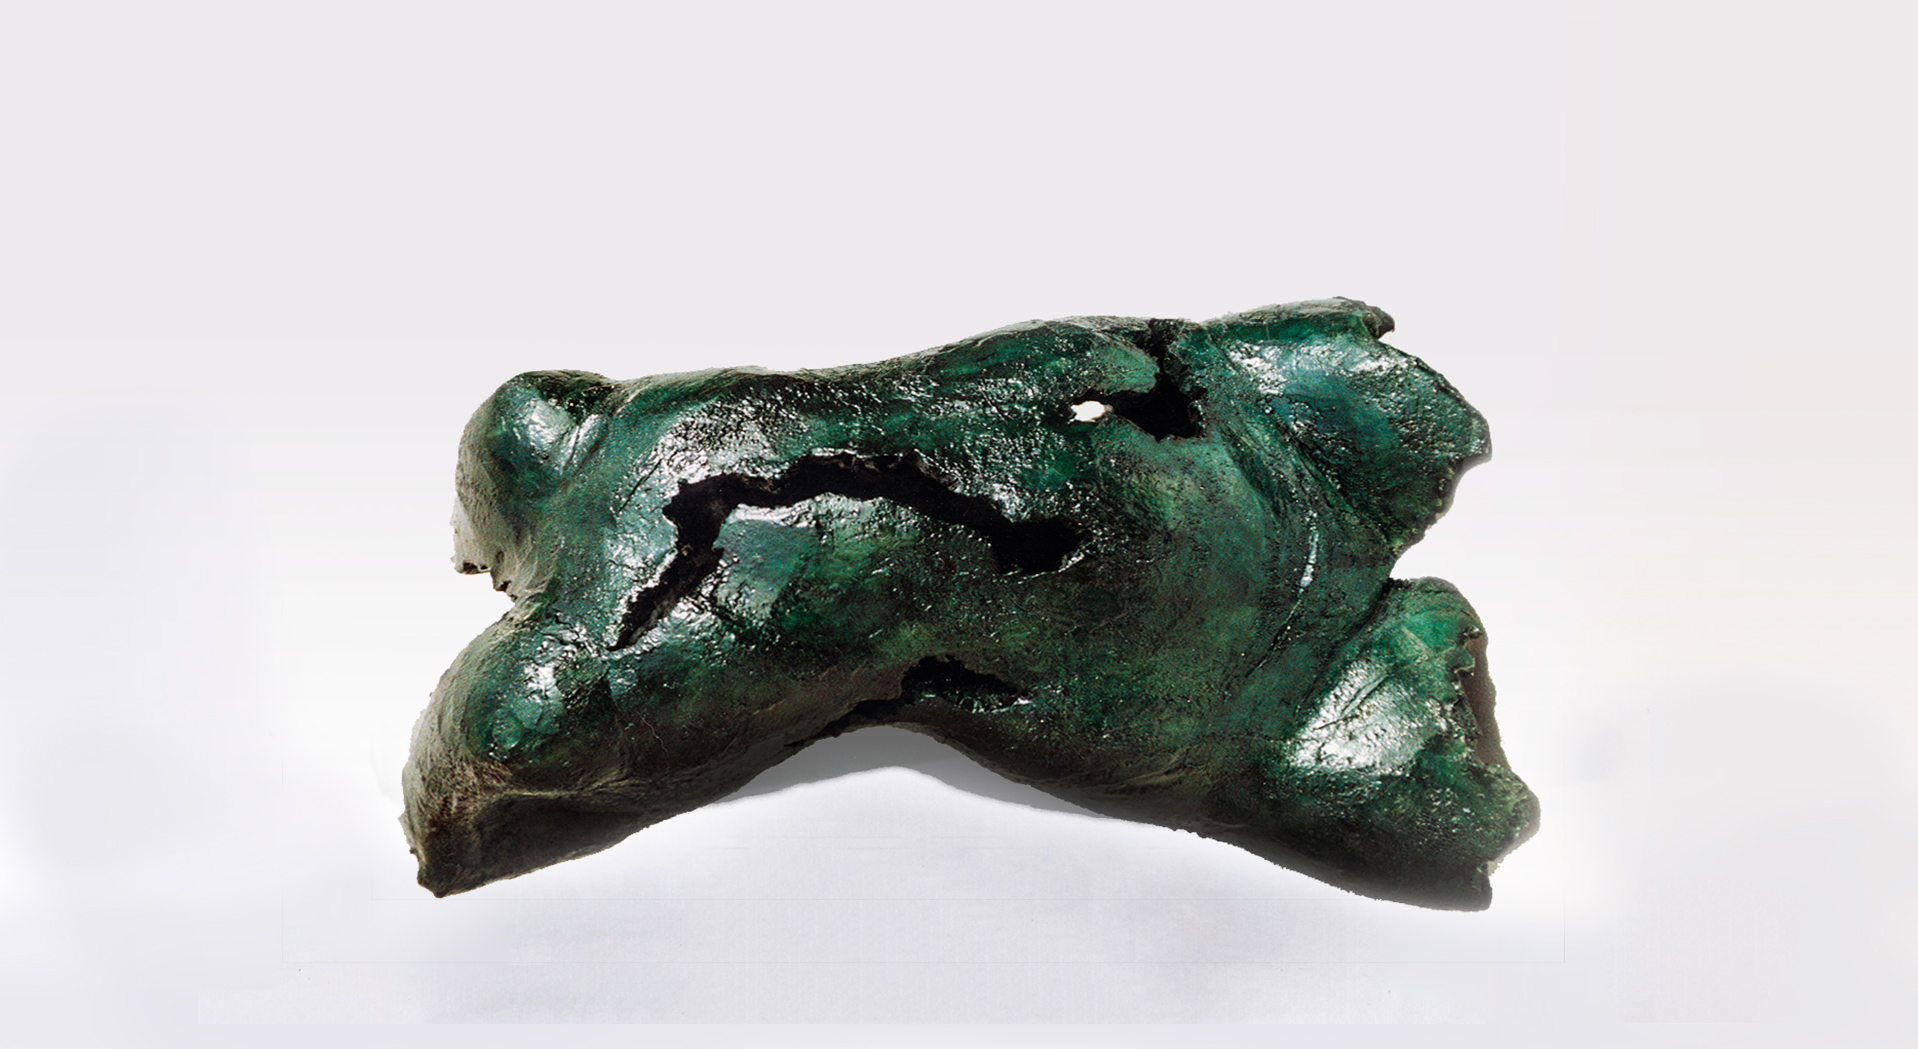 Escultura-Torso-Femenino-3-Bronce-C-C.Danone-RD.Escultor